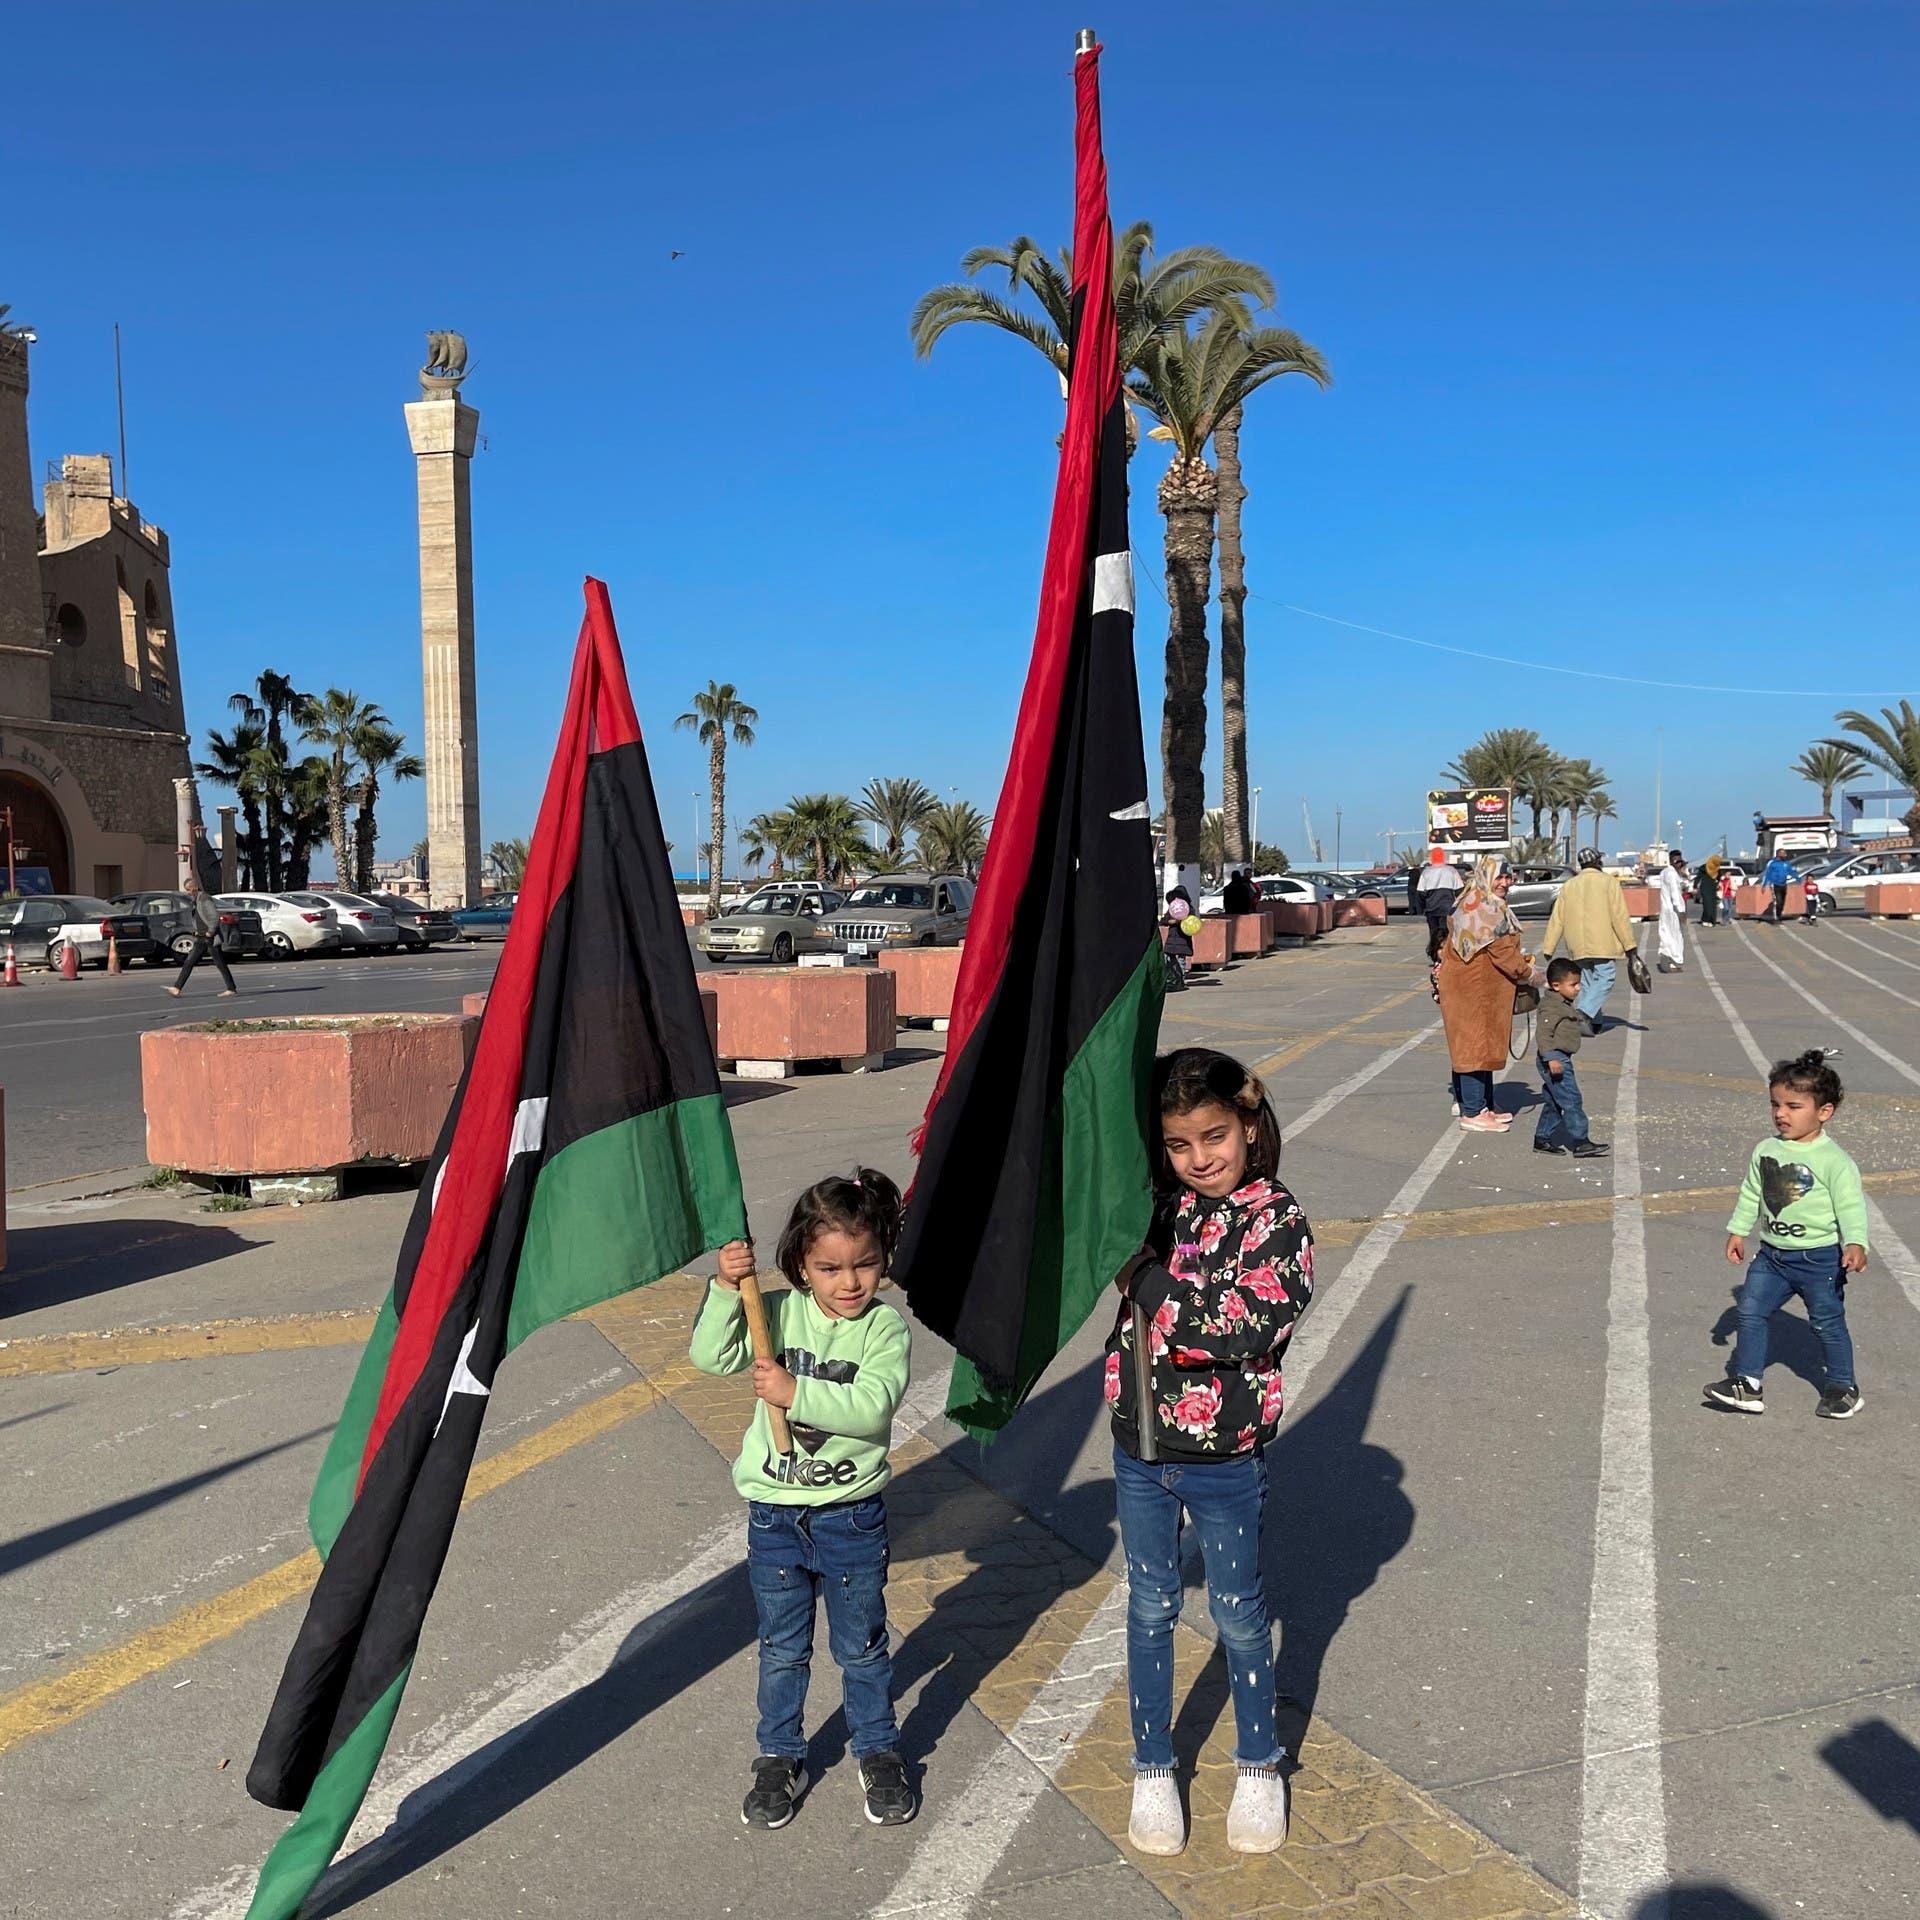 حكومة ليبيا على نار حامية.. وملفان قد يعقّدان الوضع